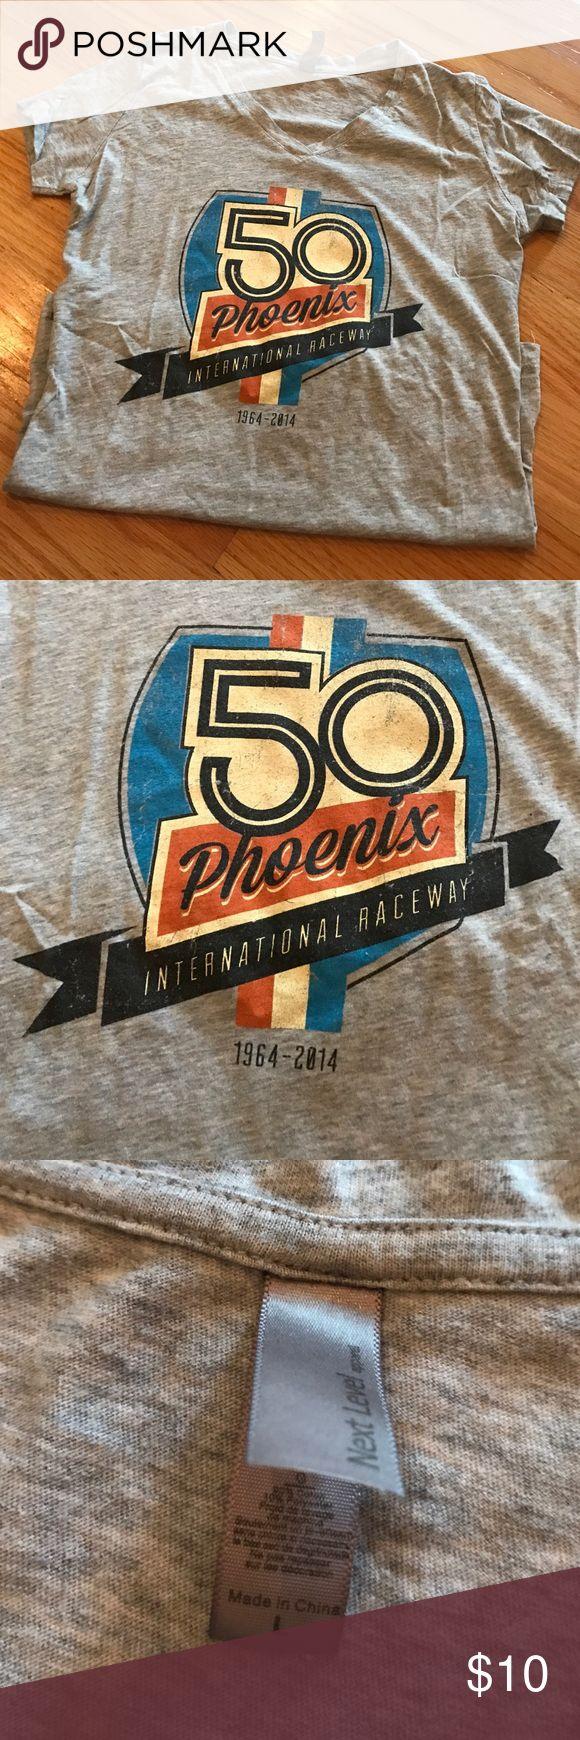 Phoenix International Raceway t-shirt Phoenix International Raceway size L (juniors) 50 year anniversary t-shirt Next Level Tops Tees - Short Sleeve